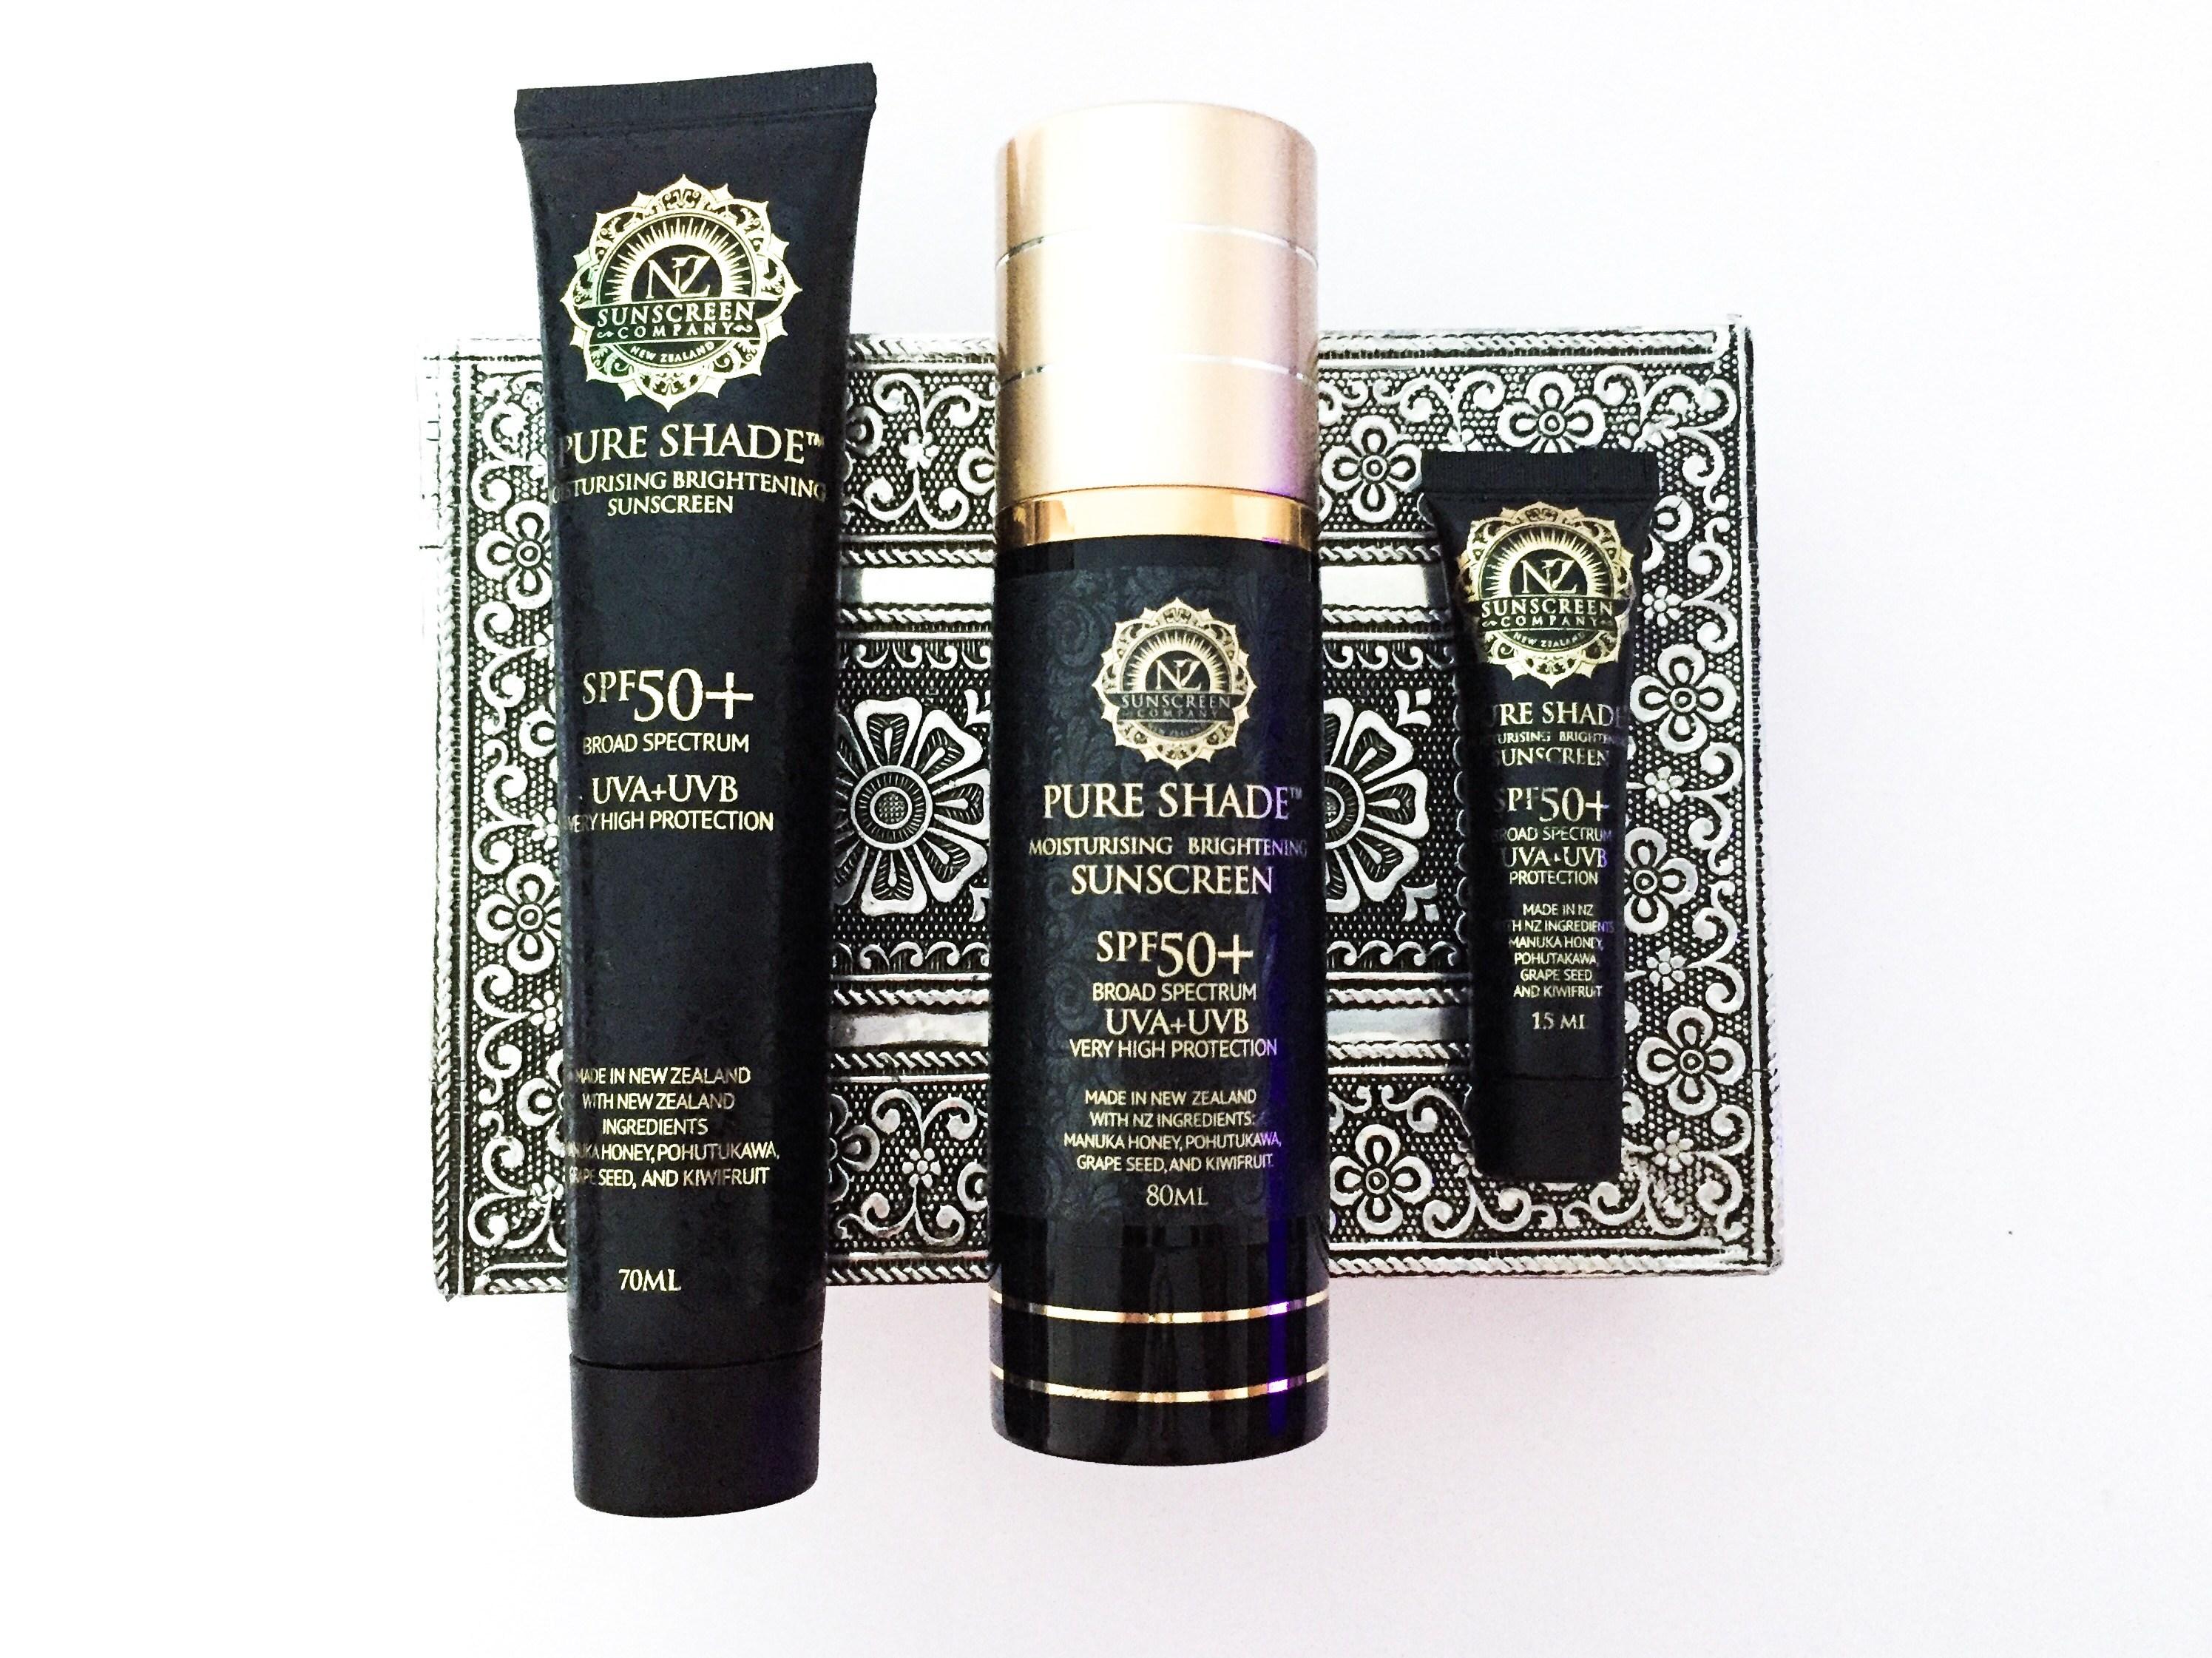 Kem chống nắng Pure Shade SPF 50+ Moisturising & Sunscreen